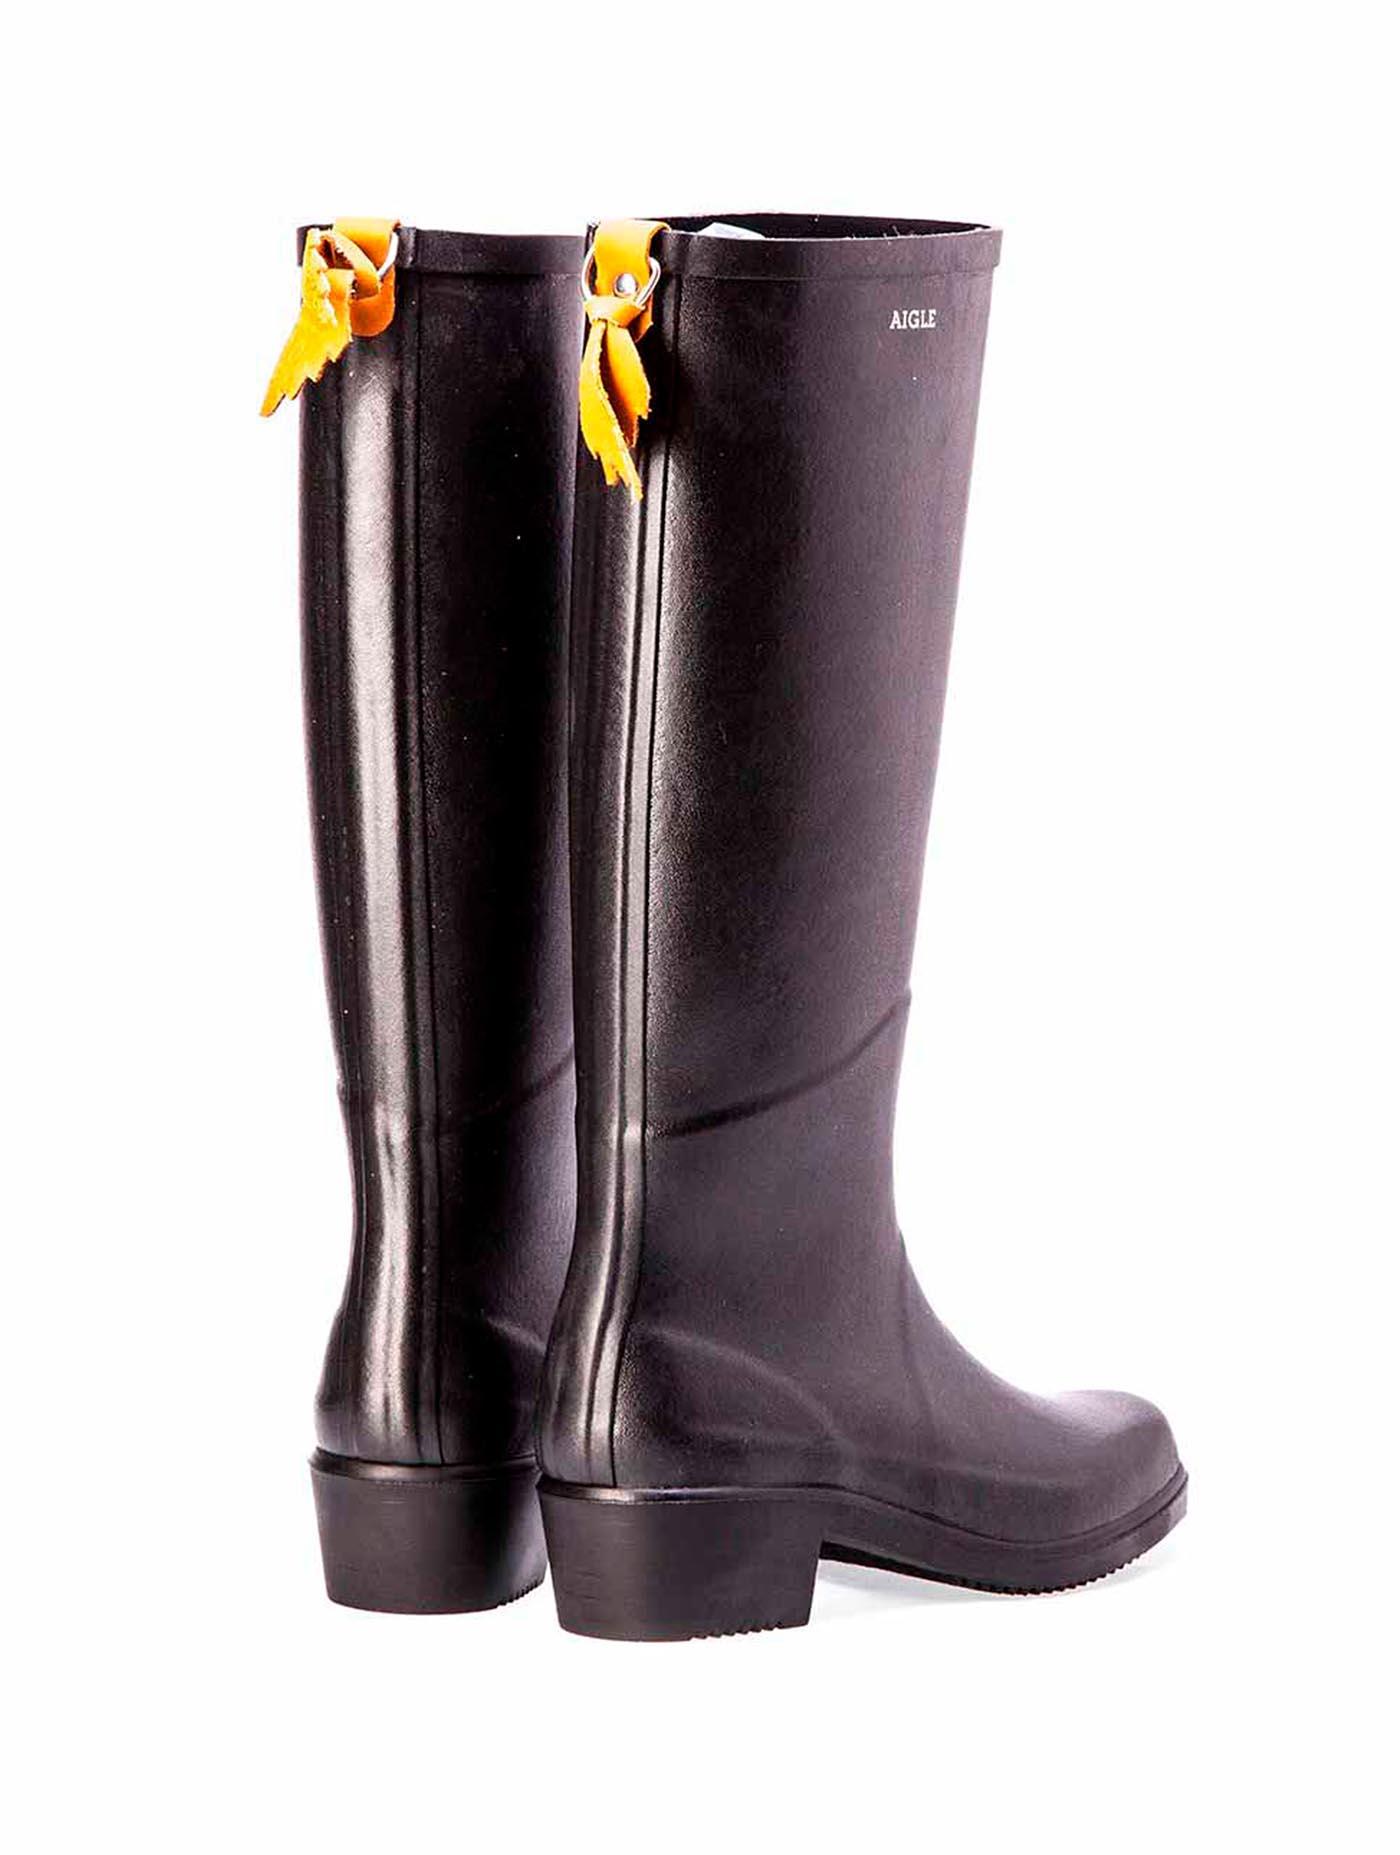 rubber NoirAiglewomenAIGLE boots JULIETTEWomen's JULIETTEWomen's rubber NoirAiglewomenAIGLE rubber MISS MISS MISS boots JULIETTEWomen's boots cF1TJ3lK